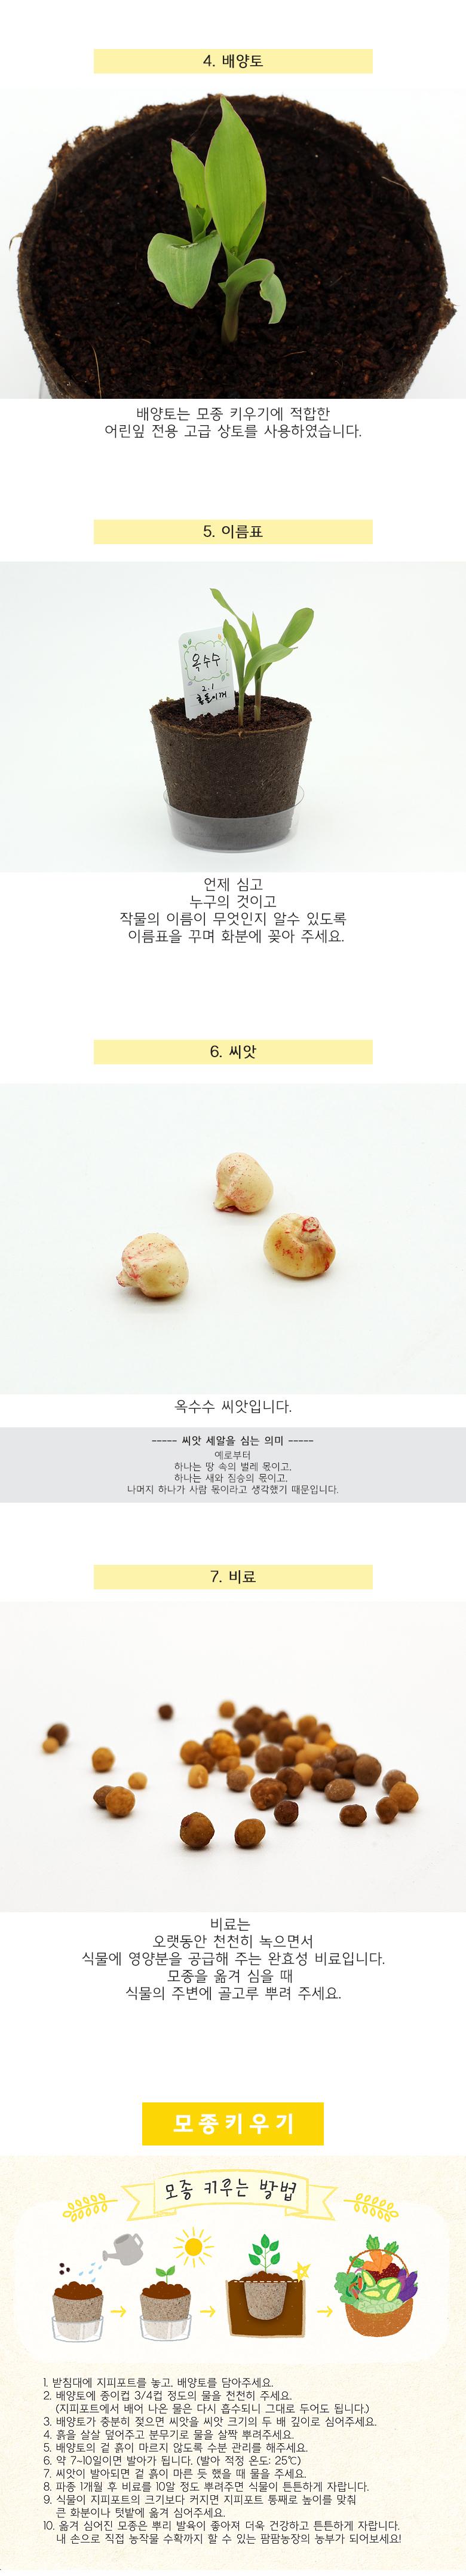 팜팜농장_옥수수 모종키우기 - 틔움세상, 3,000원, 새싹/모종키우기, 새싹 키우기